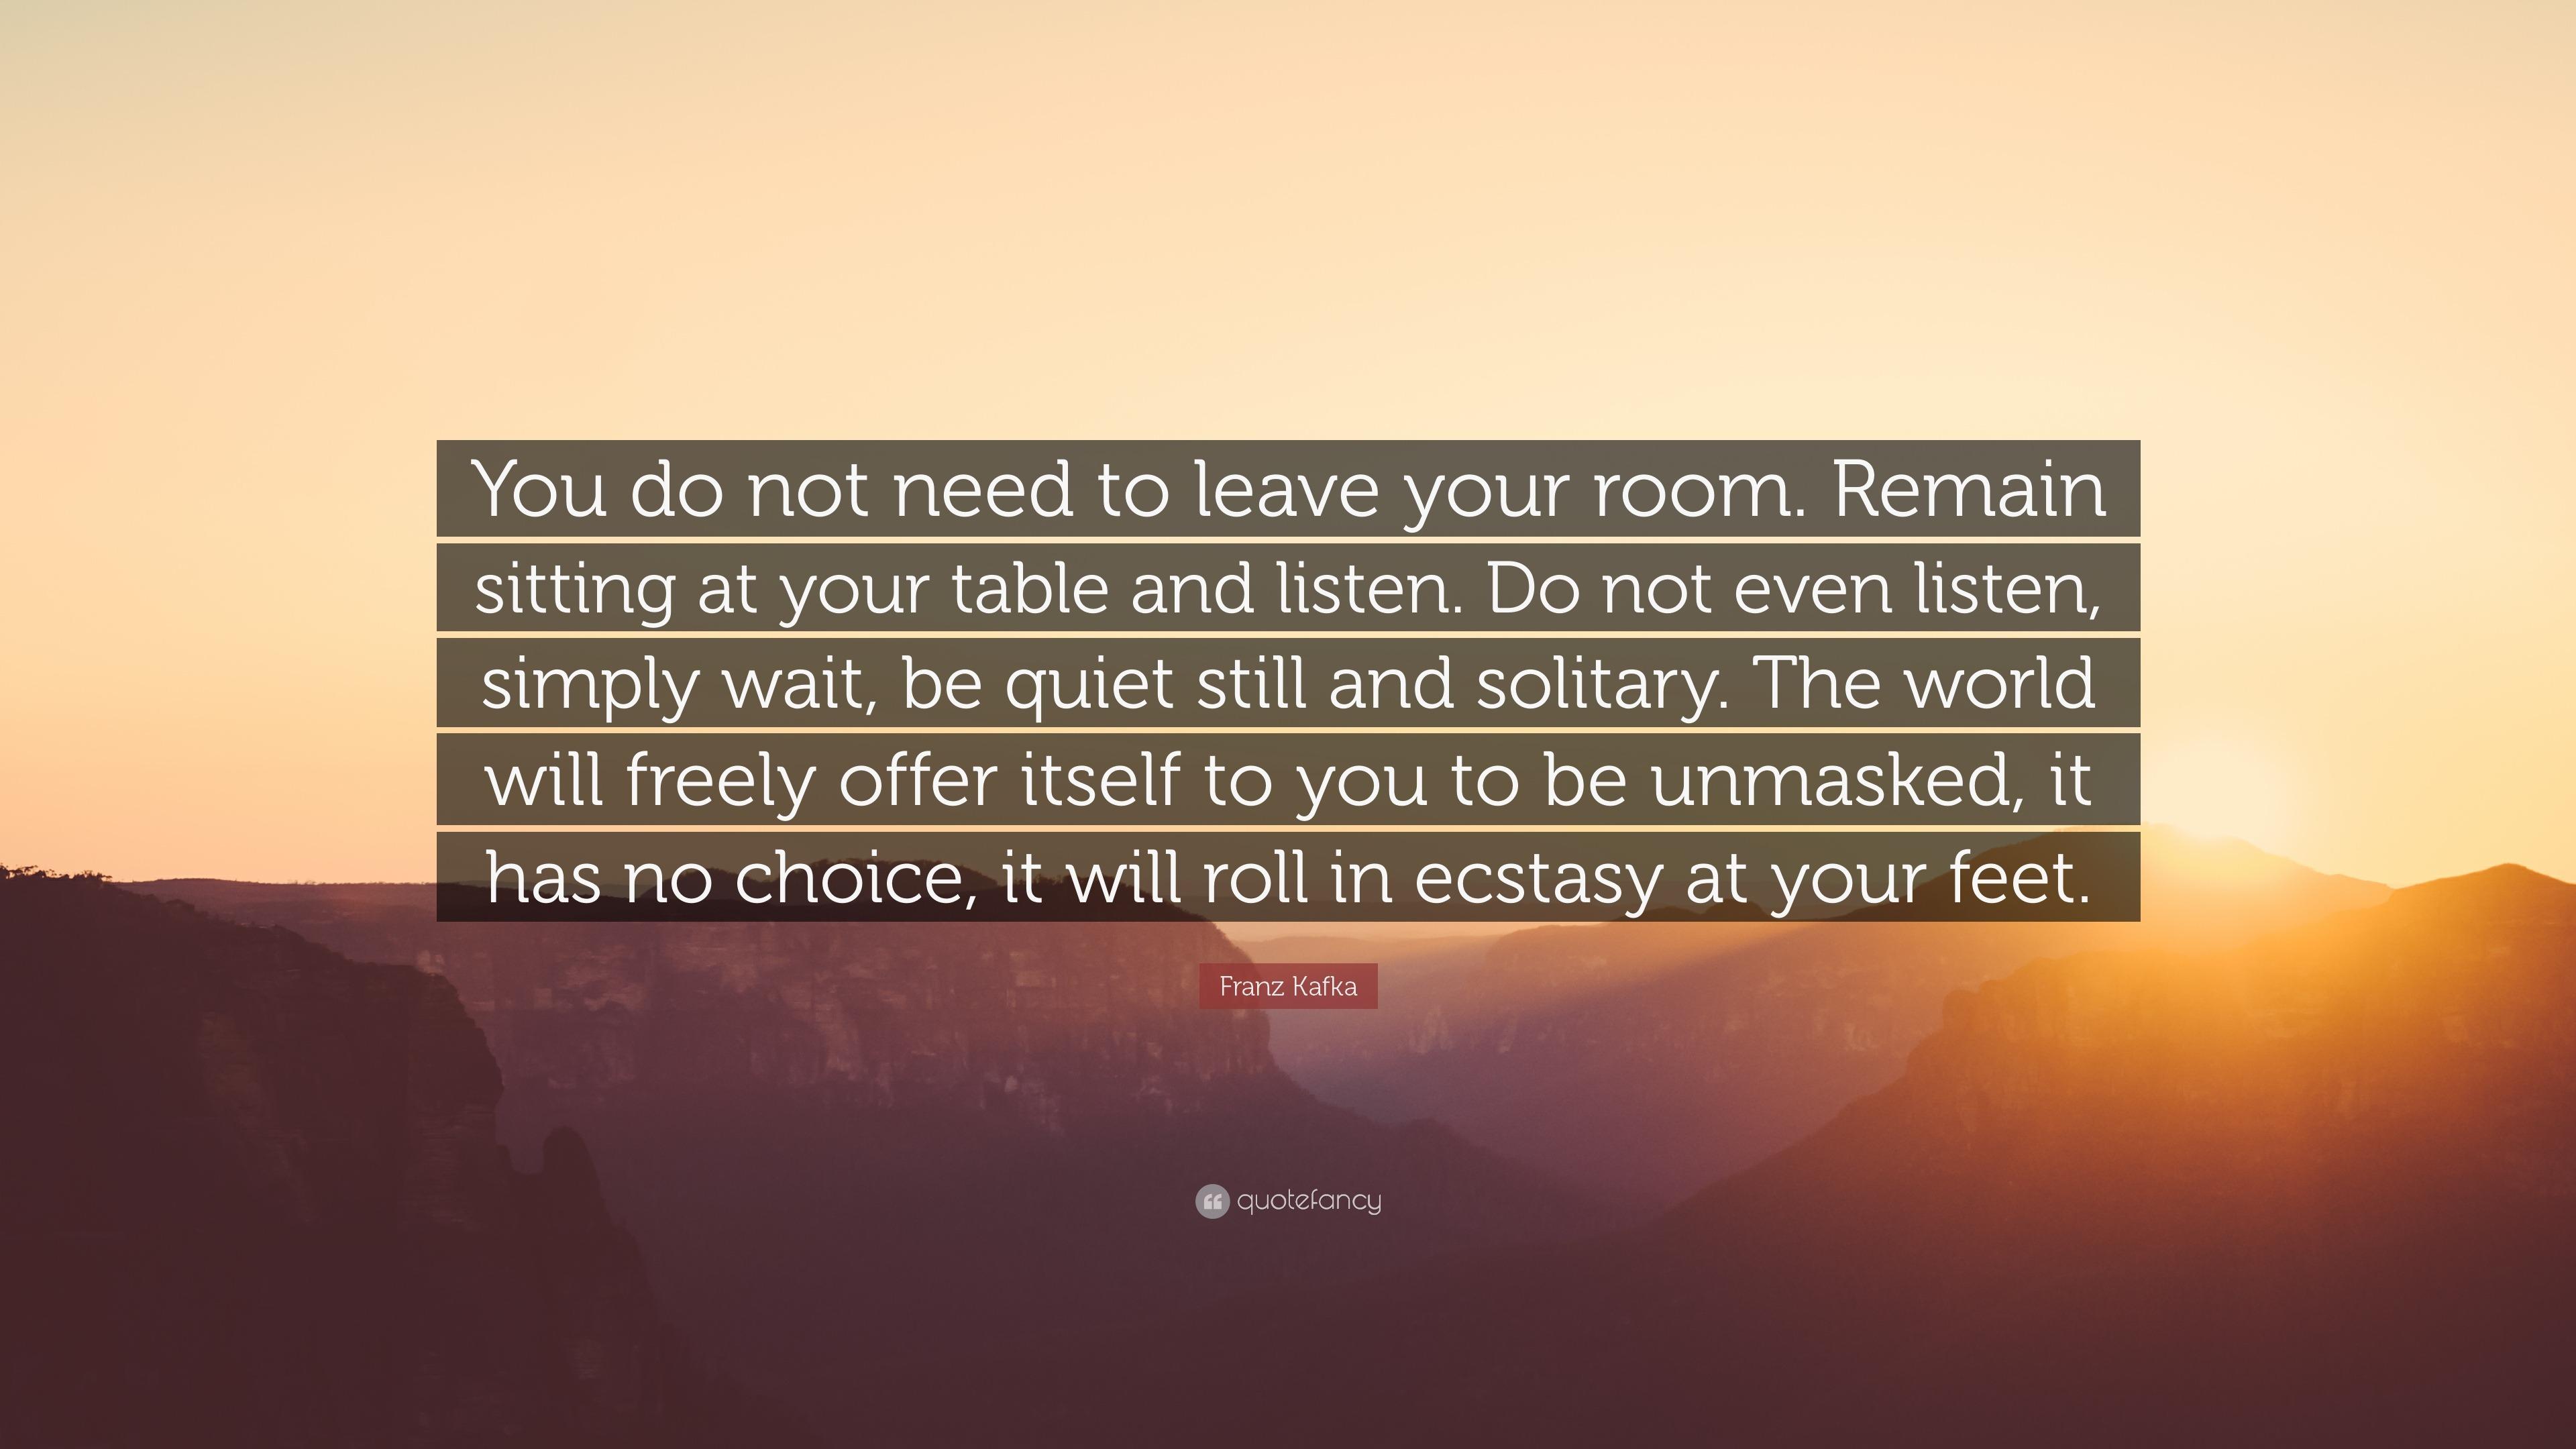 Stuff To Do In Your Room | louisvuittonukonlinestore.com